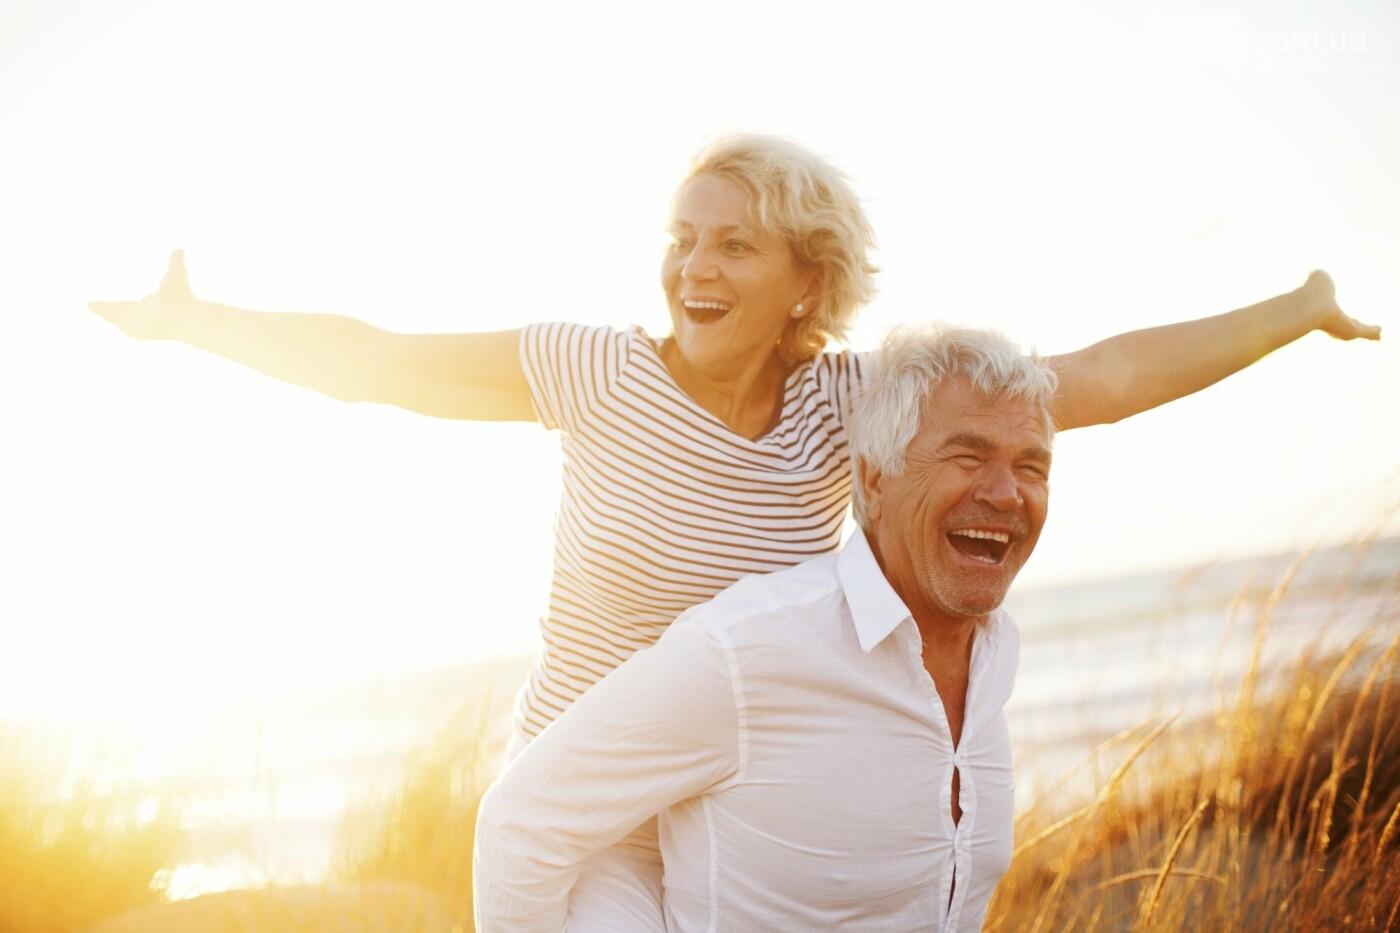 Перерахунок пенсій: кому і скільки додадуть 1 липня, фото-1